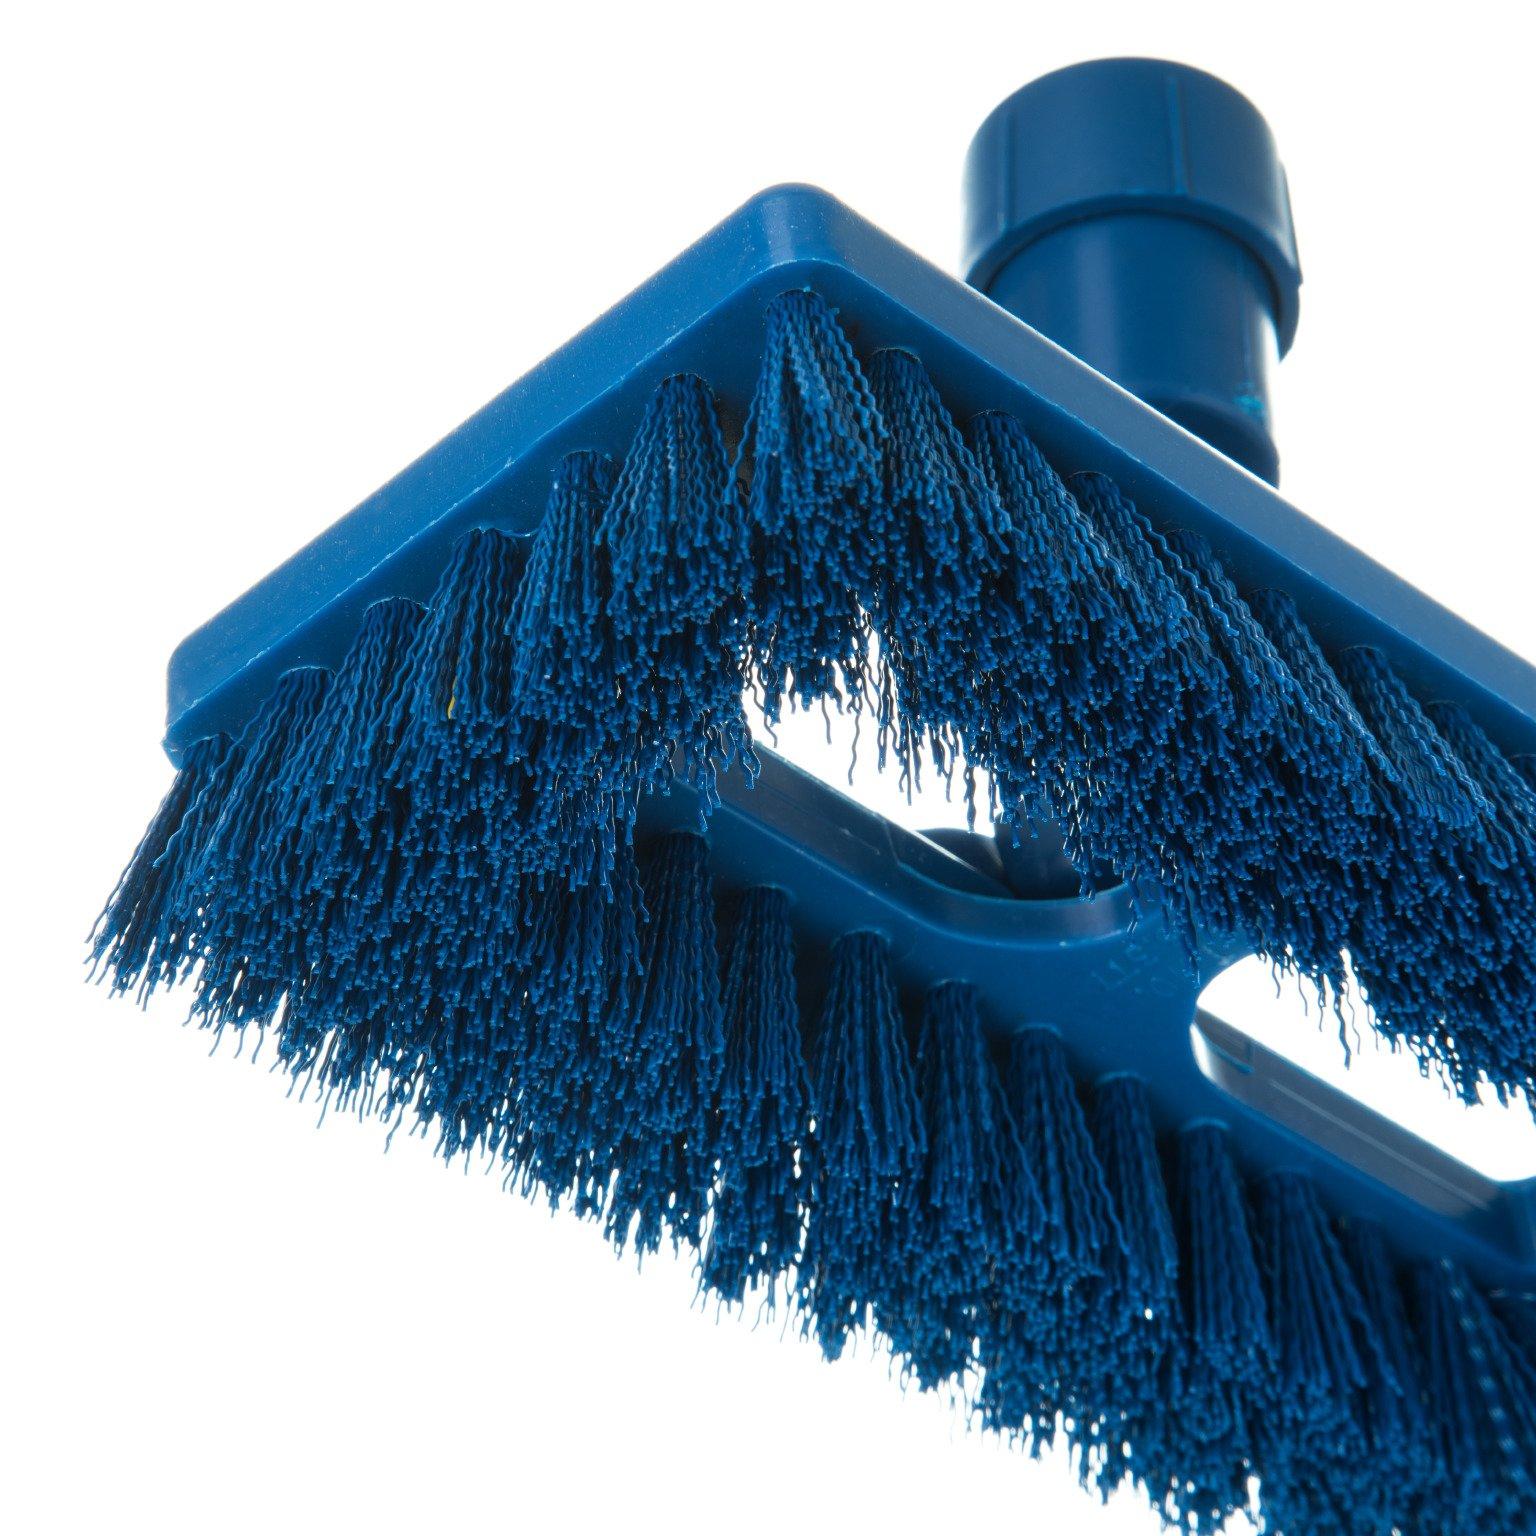 Carlisle 363883114 Swivel Scrub Brush, 8'', Blue (Pack of 12) by Carlisle (Image #5)